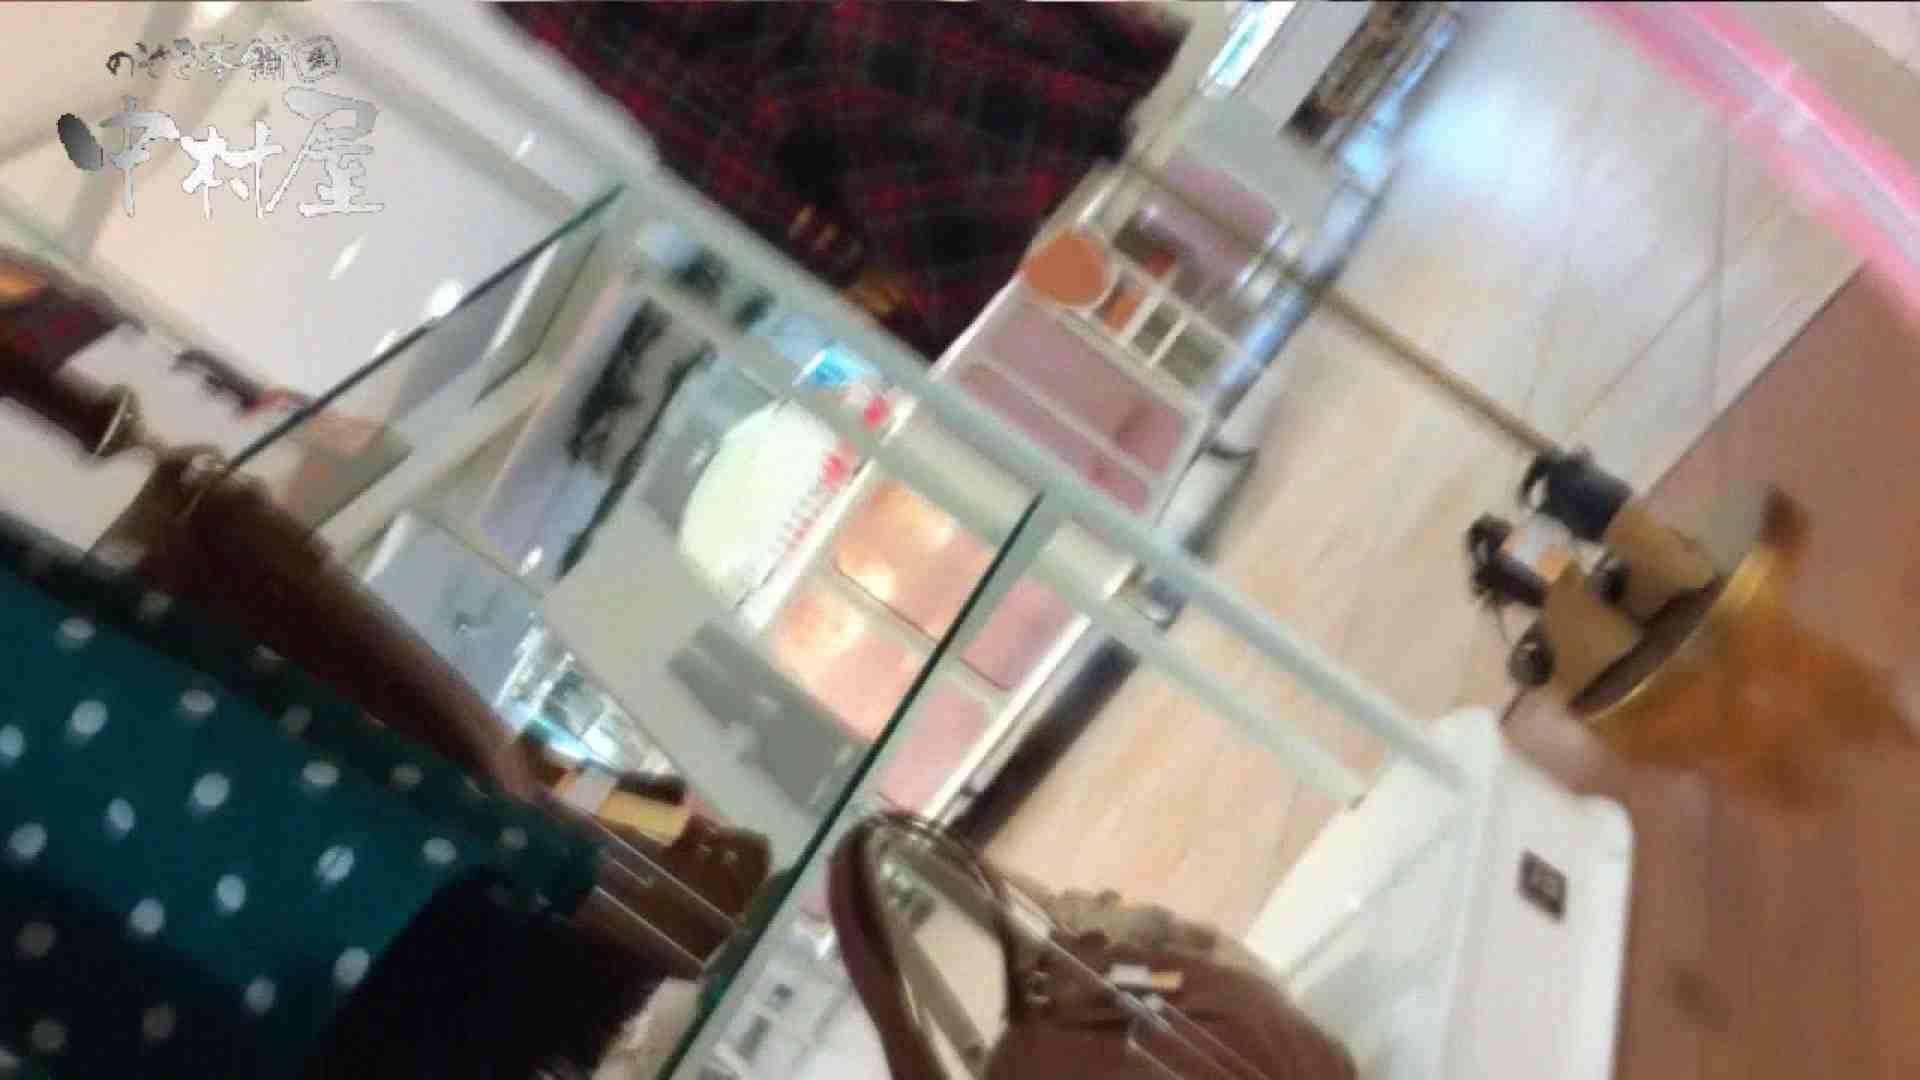 vol.48可愛いカリスマ店員胸チラ&パンチラ アニメ声の店員さん OLのエロ生活  96連発 65